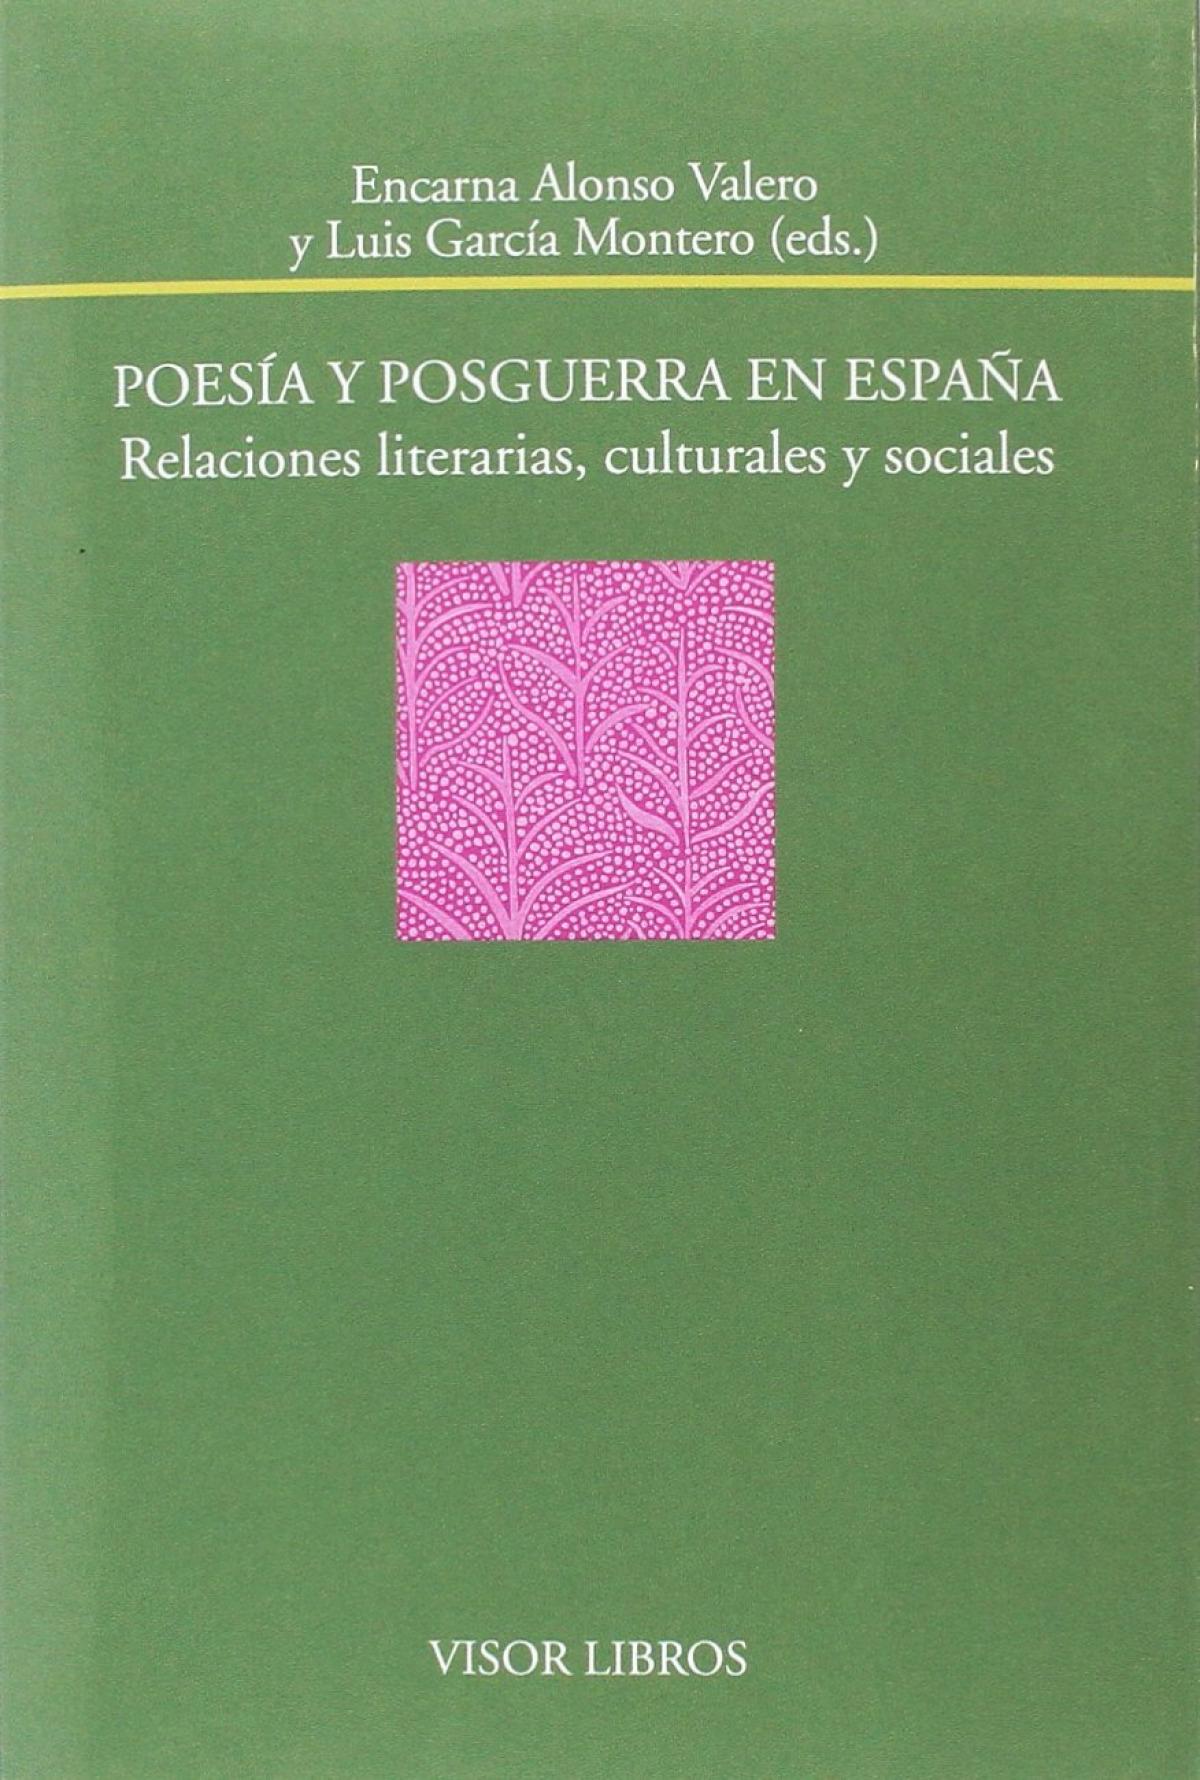 POESíA Y POSGUERRA EN ESPAñA